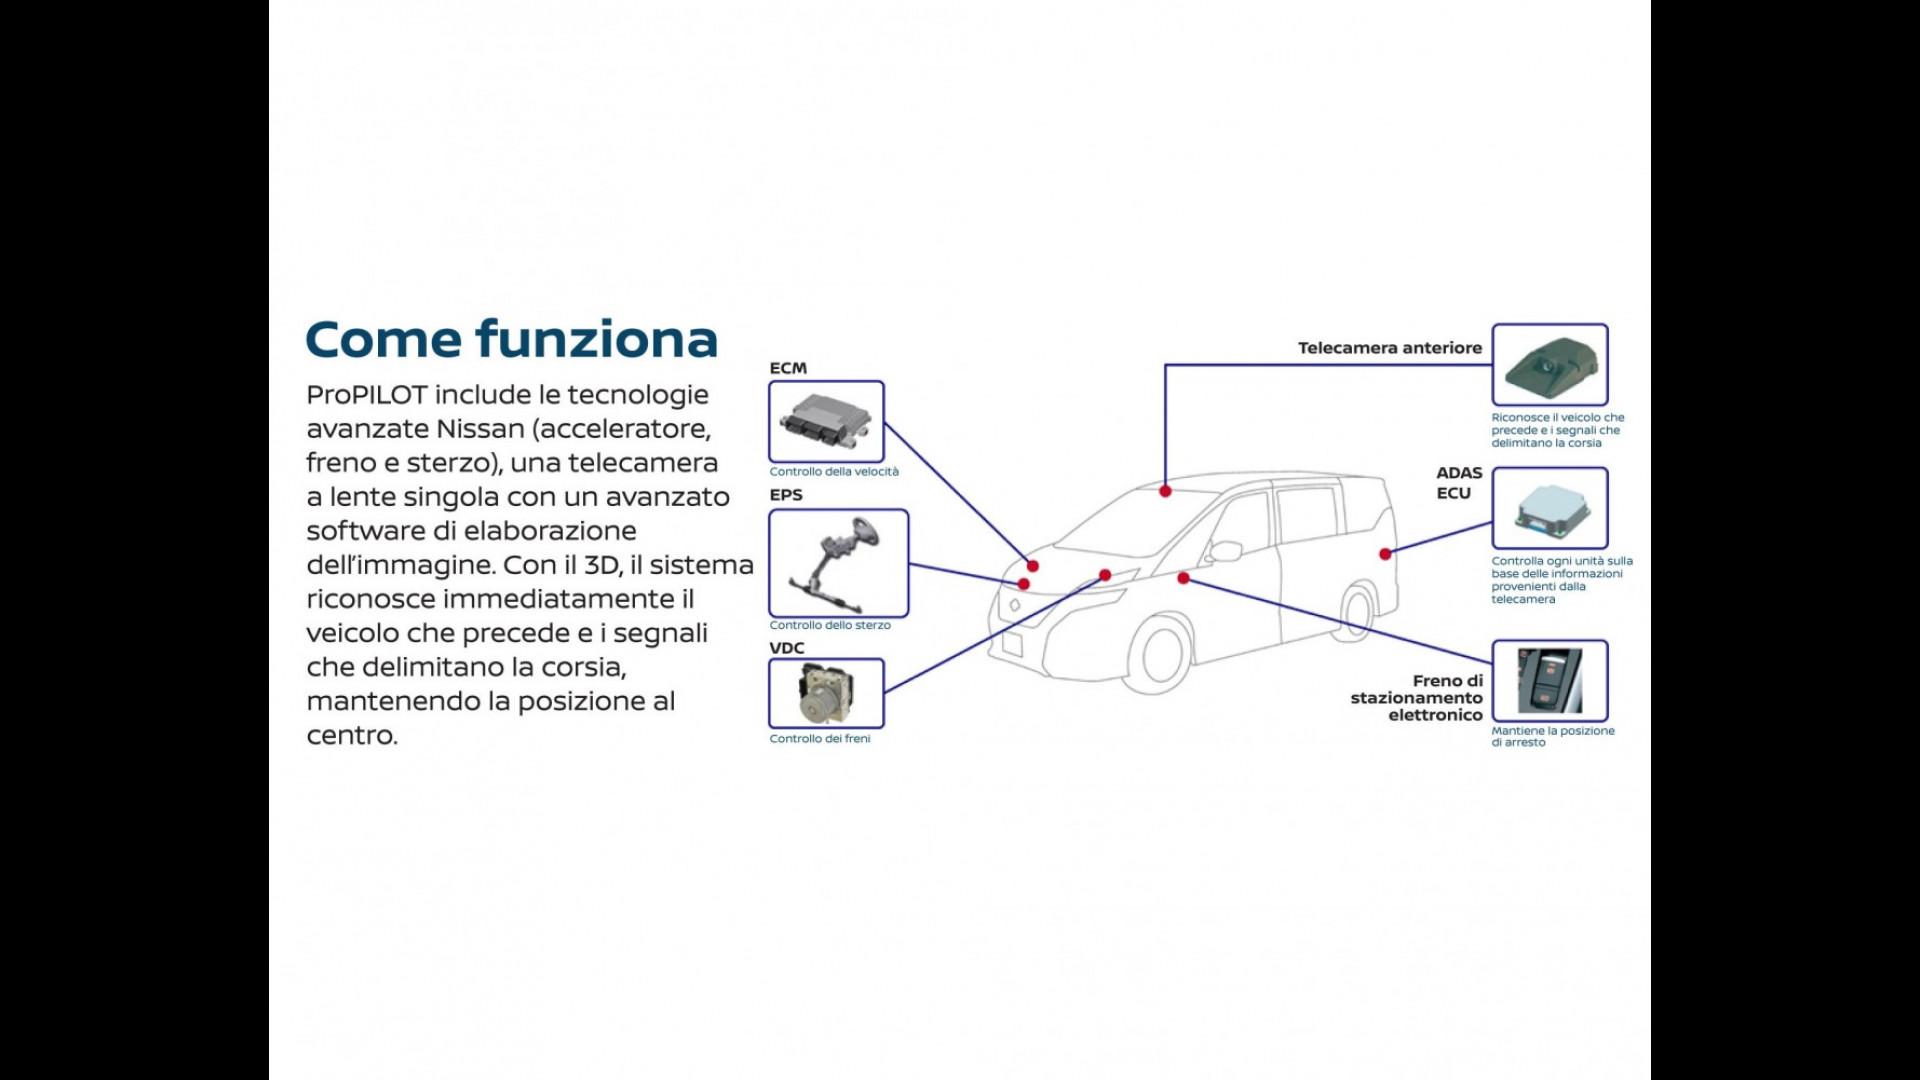 Schemi Elettrici Nissan : Nissan così ci sposteremo nel futuro motor italia